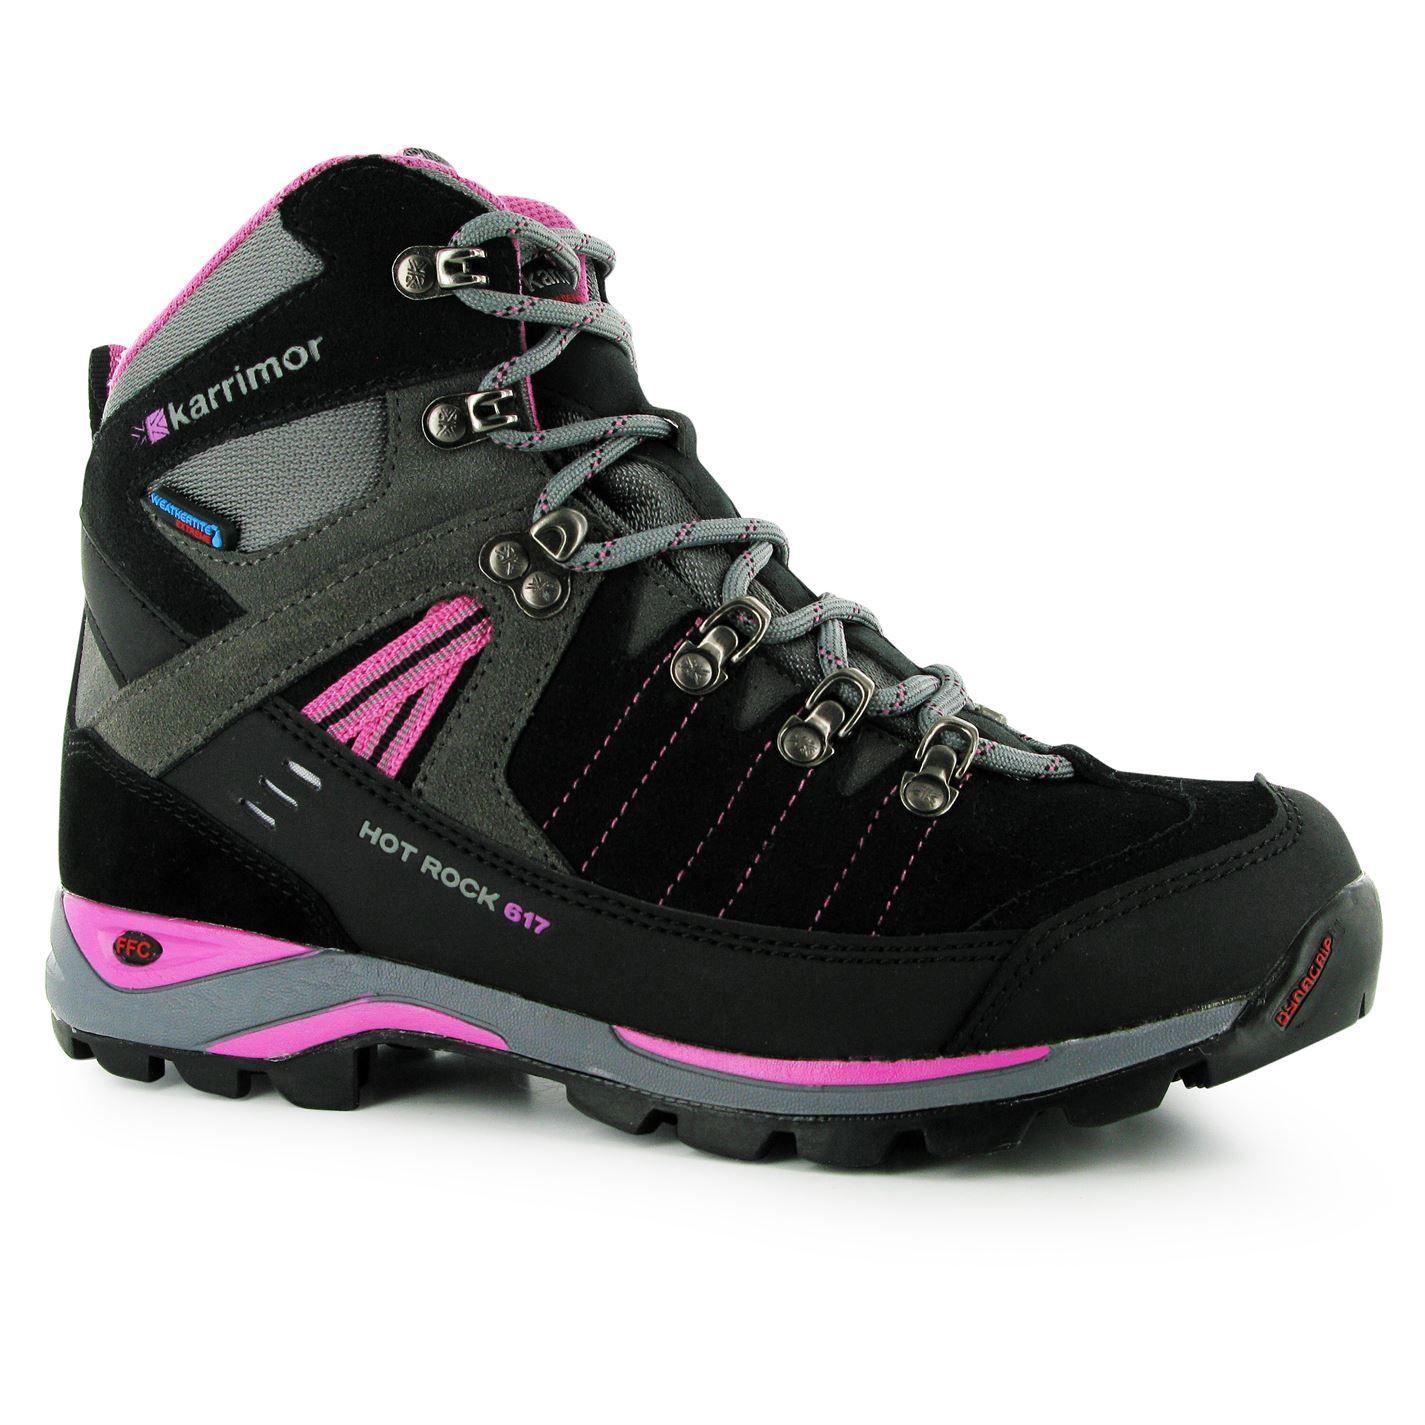 Hot Rock Ladies Walking Boots | Hiking